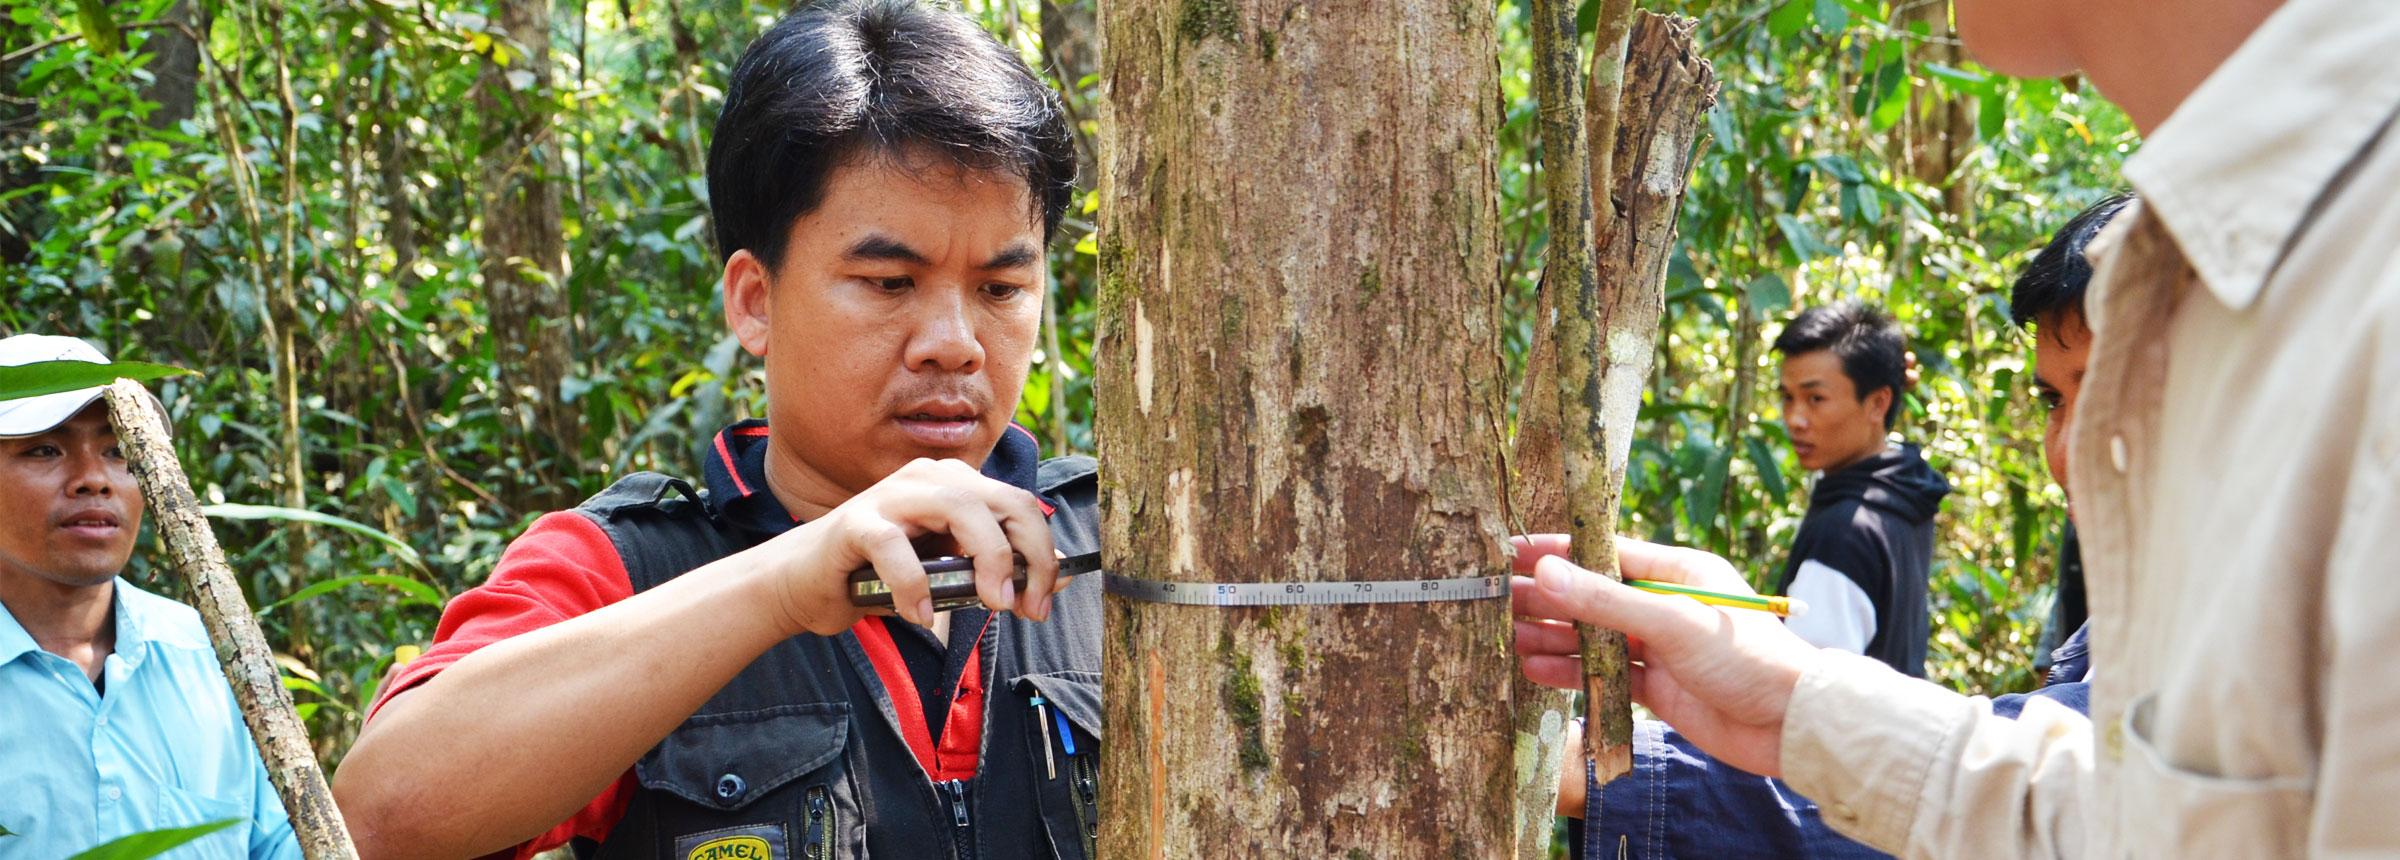 Biomass assessment training